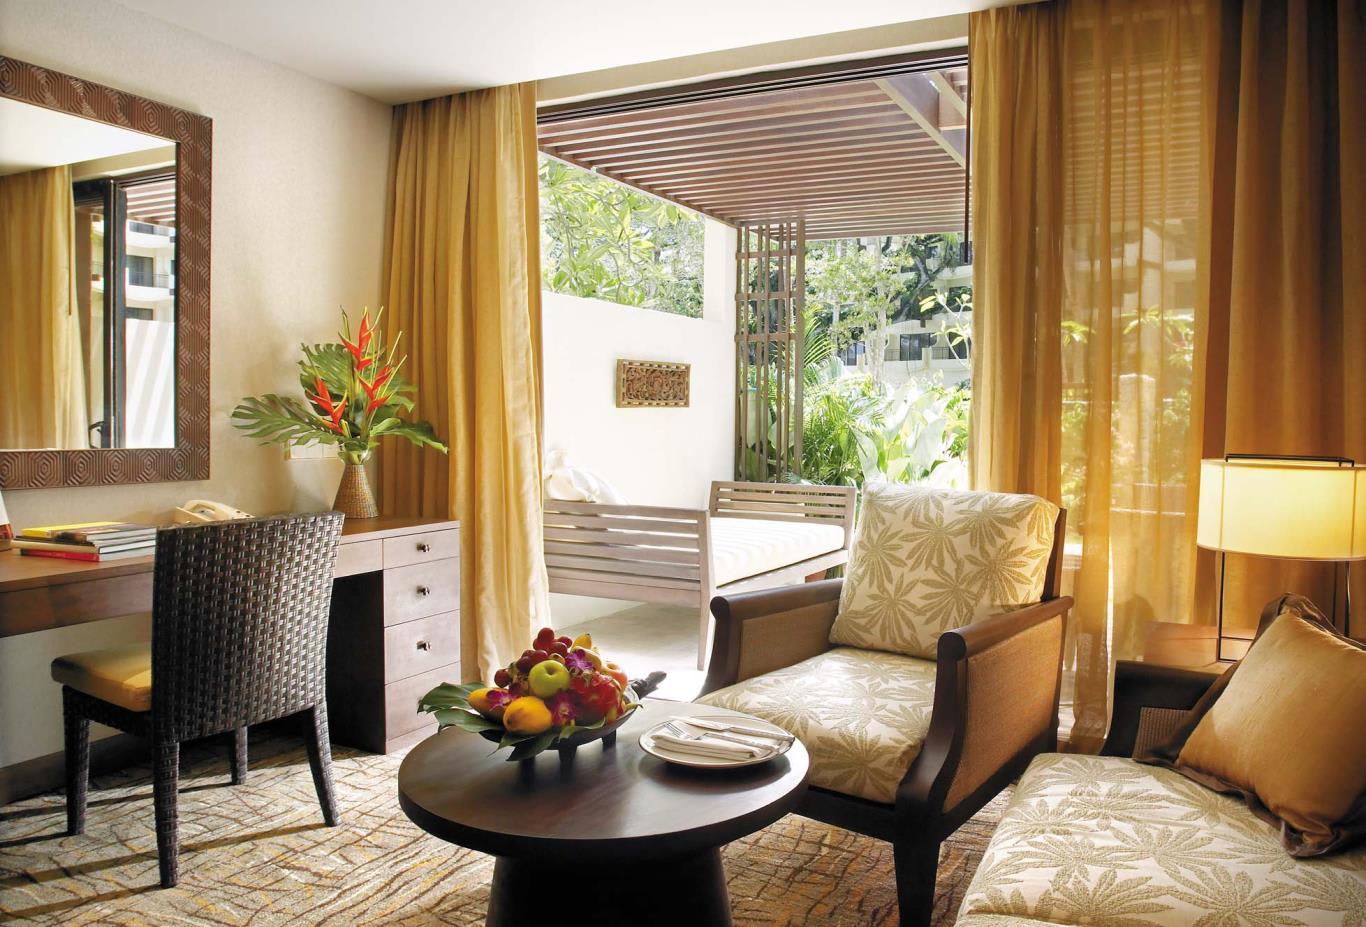 Rasa-Deluxe-Room-Living-room